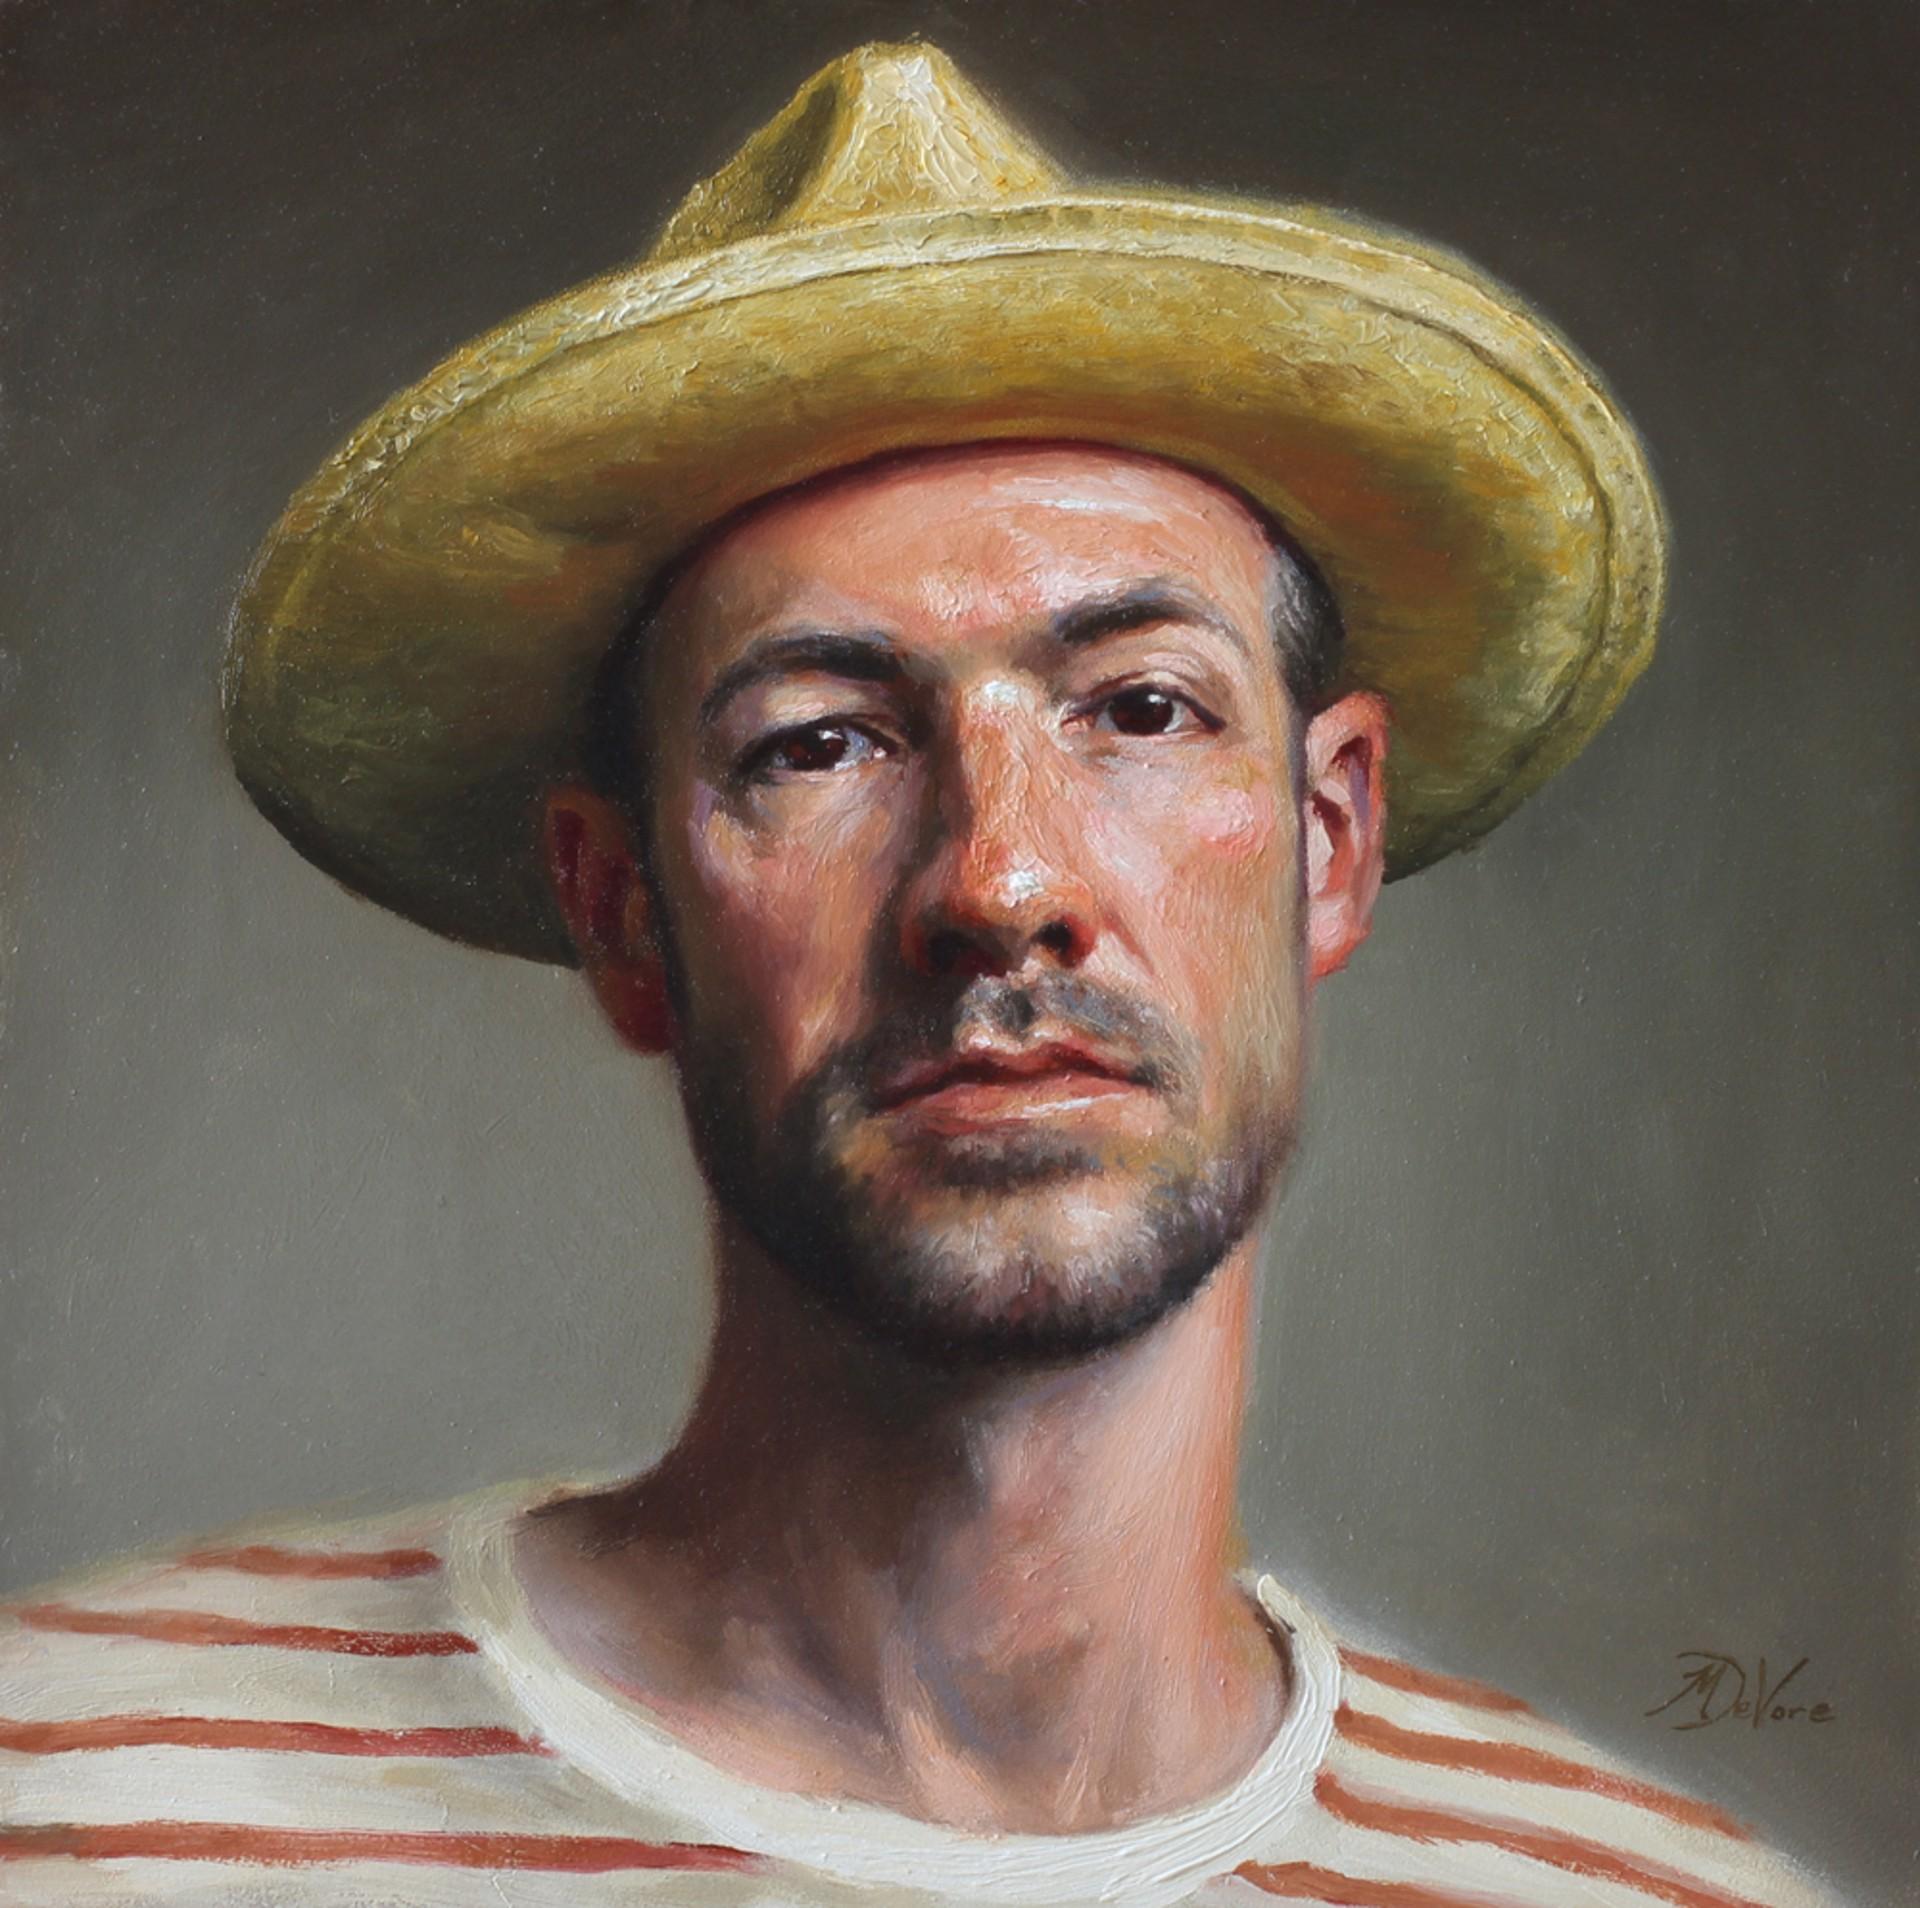 Self Portrait in Straw Hat by Michael DeVore